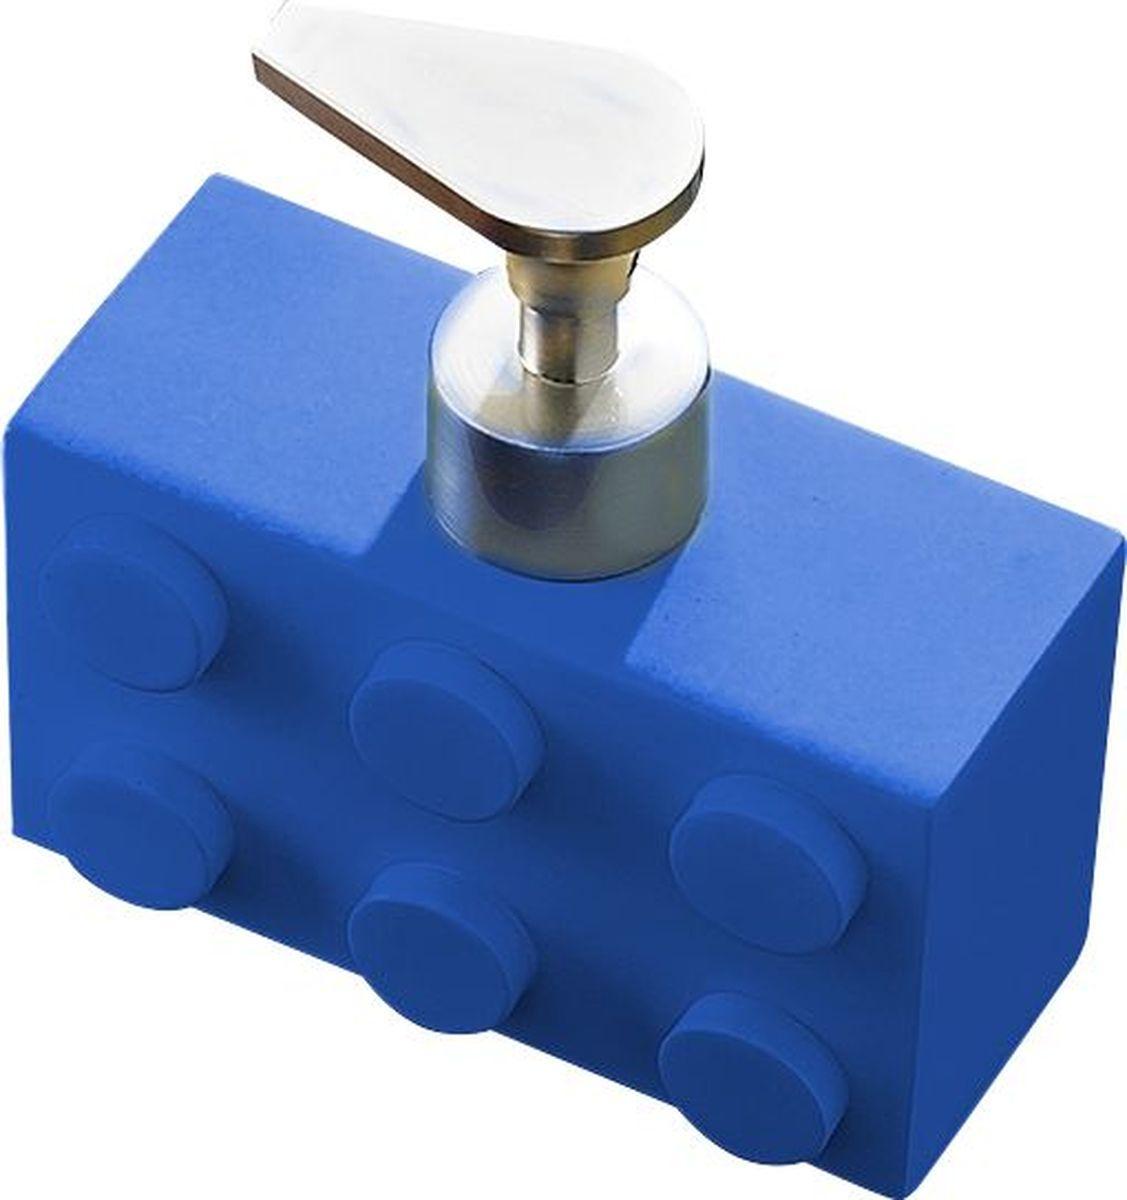 Дозатор для жидкого мыла Ridder Bob, цвет: синий, 280 мл22210503Дозатор для жидкого мыла Ridder Bob, изготовленный из экологичной полирезины,отлично подойдет для вашей ванной комнаты.Такой аксессуар очень удобен в использовании,достаточно лишь перелить жидкое мыло вдозатор, а когда необходимо использованиемыла, легким нажатием выдавить нужноеколичество. Дозатор для жидкого мыла Ridder Bobсоздаст особую атмосферу уюта и максимальногокомфорта в ванной.Объем дозатора: 280 мл.